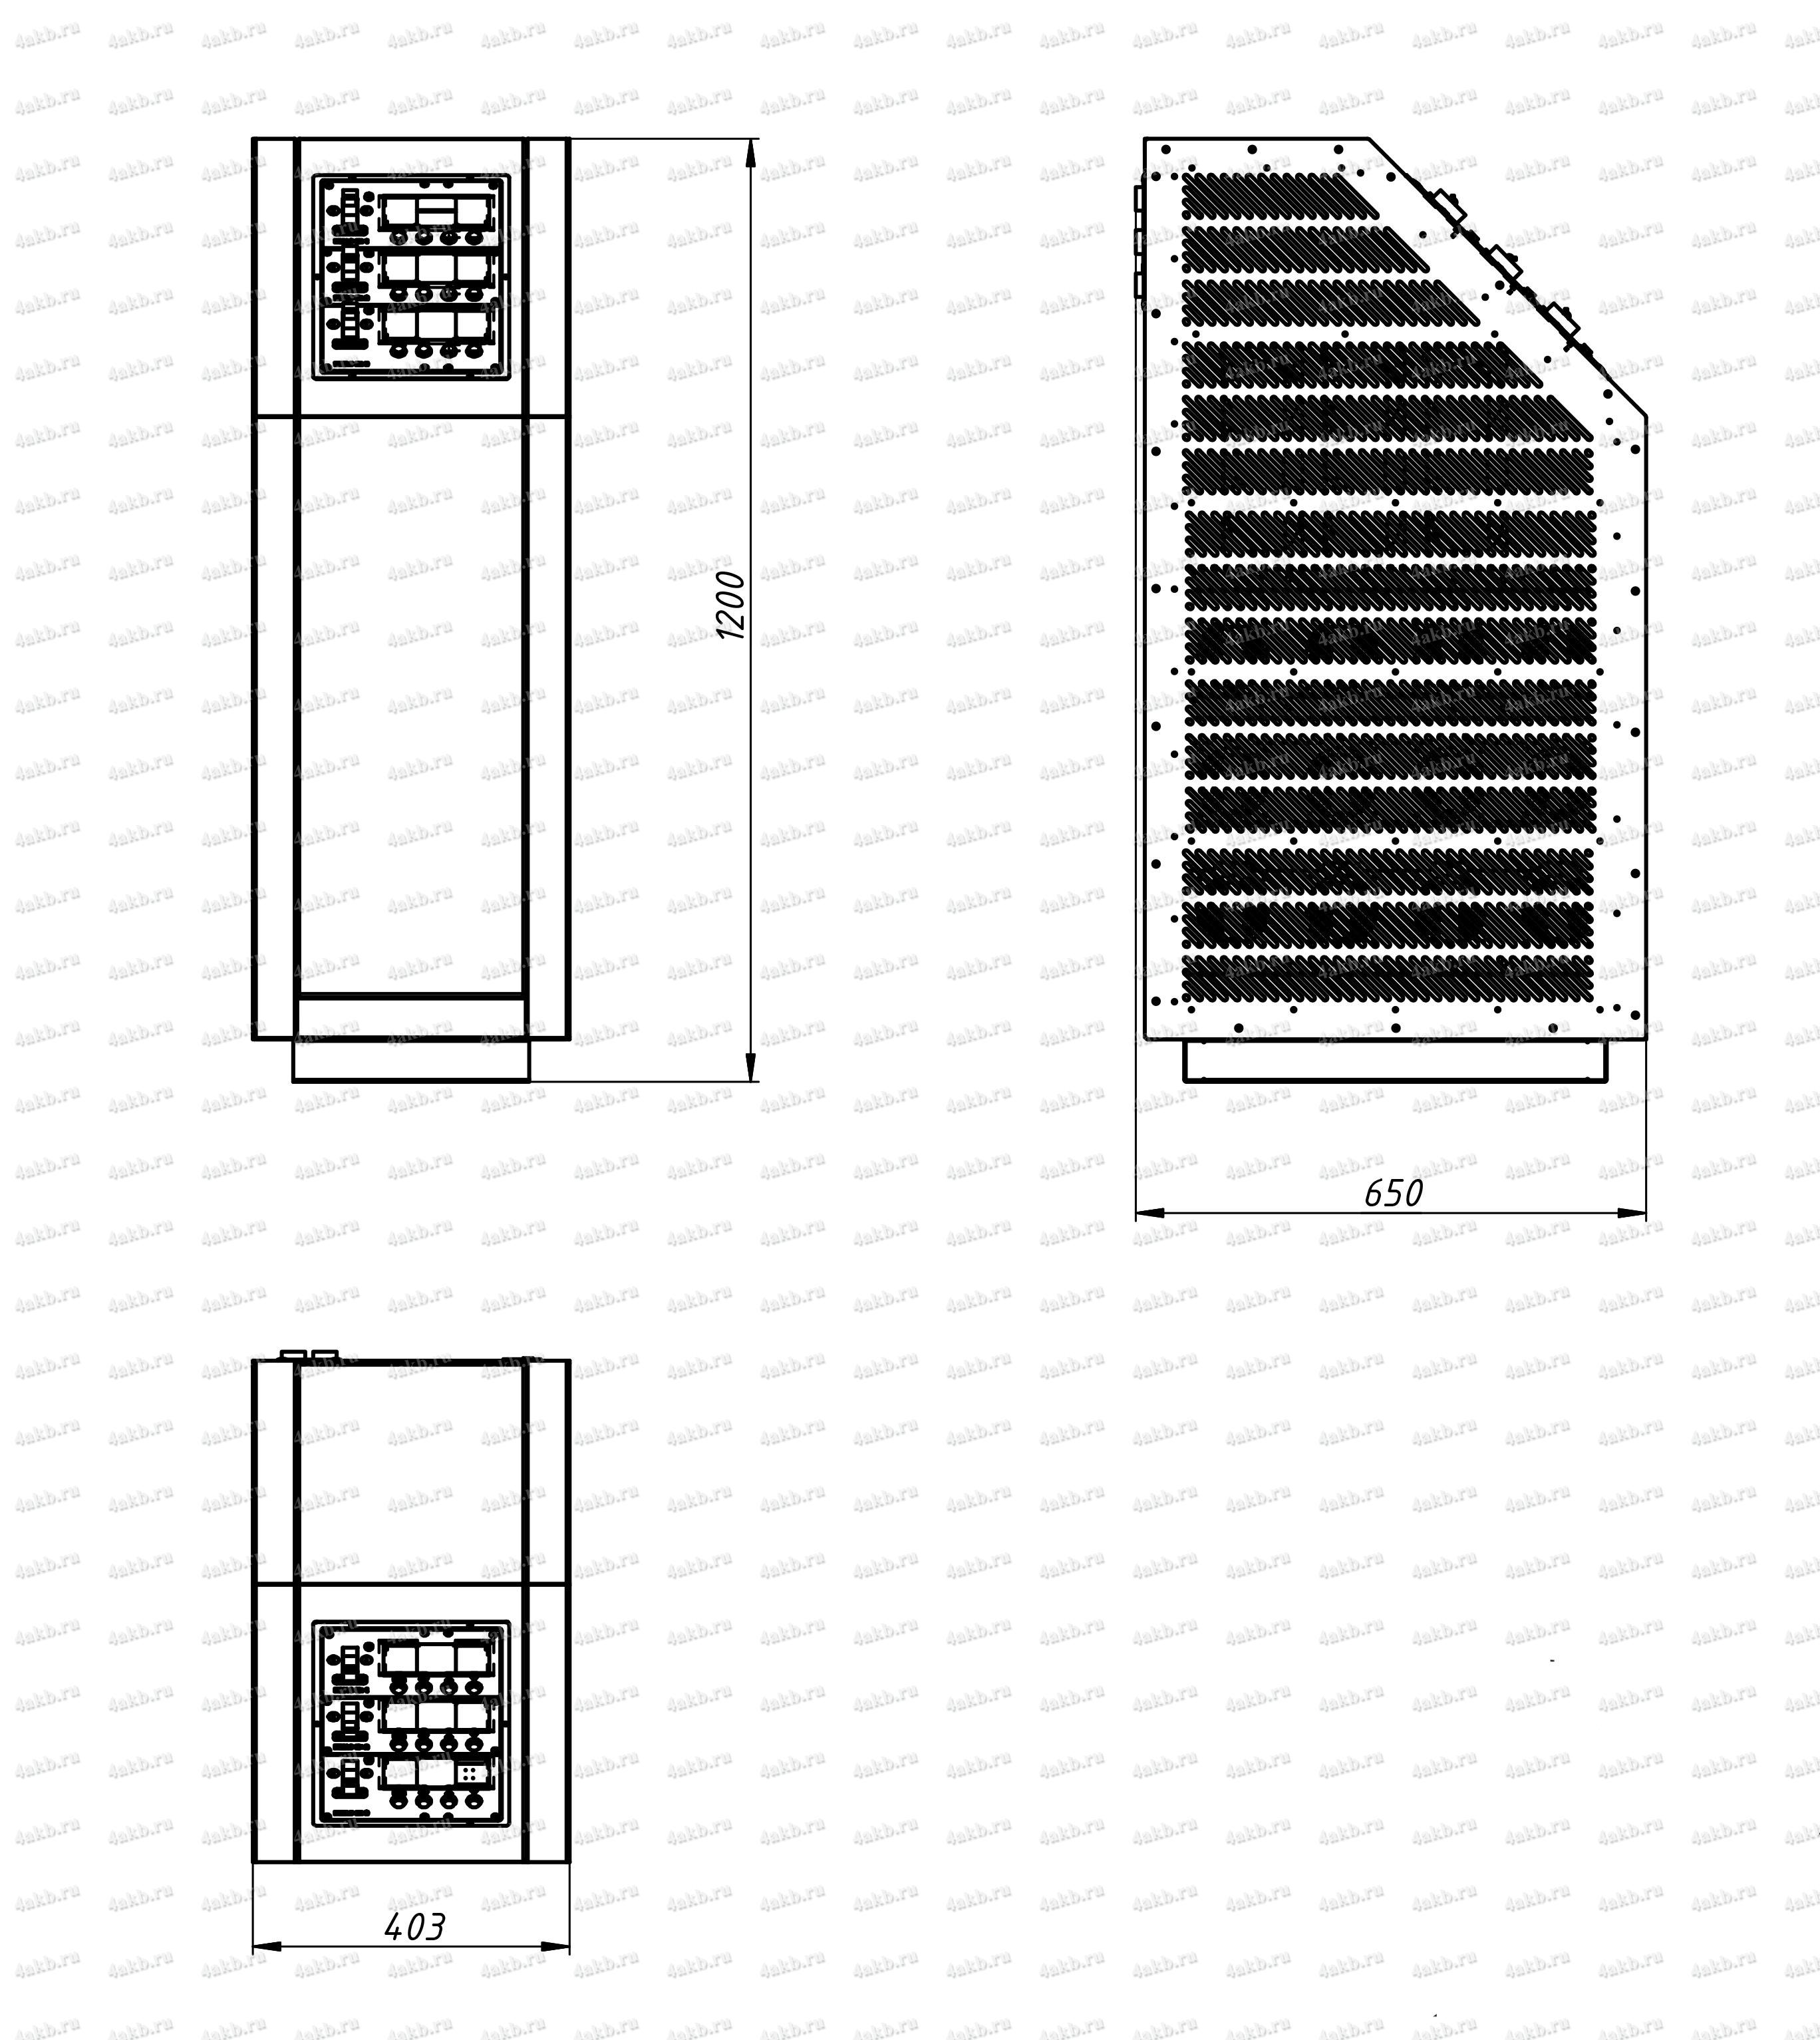 Чертеж программируемого зарядного устройства комплекса 4АКБ-ЮГ-ПЗРК-1